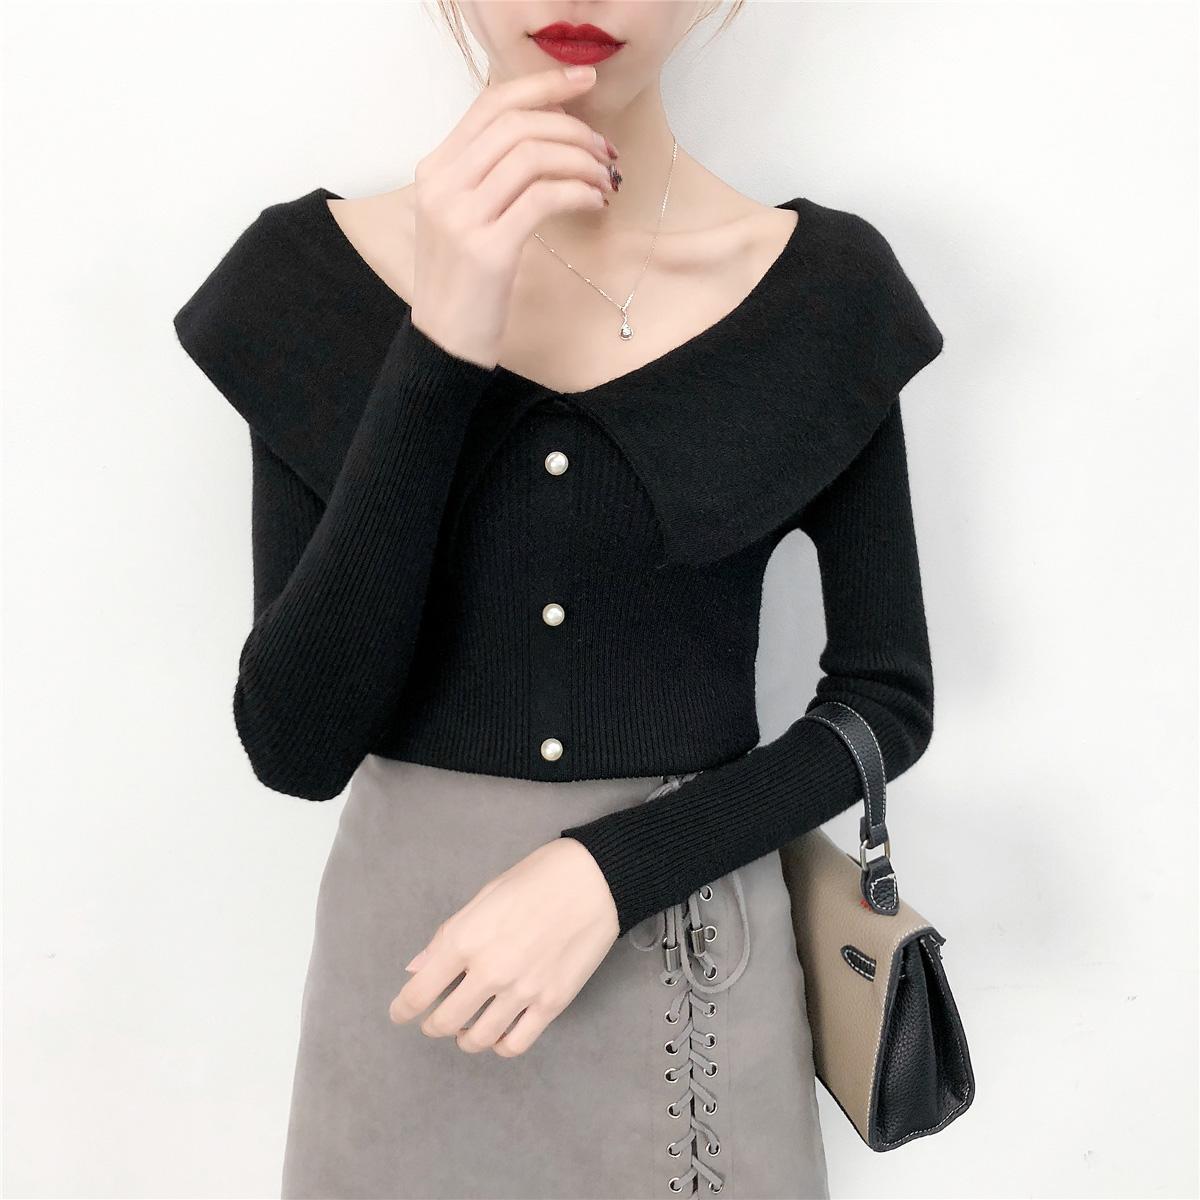 針織衫長袖秋裝2018 初秋 套頭娃娃領打底衫女上衣薄款毛衣